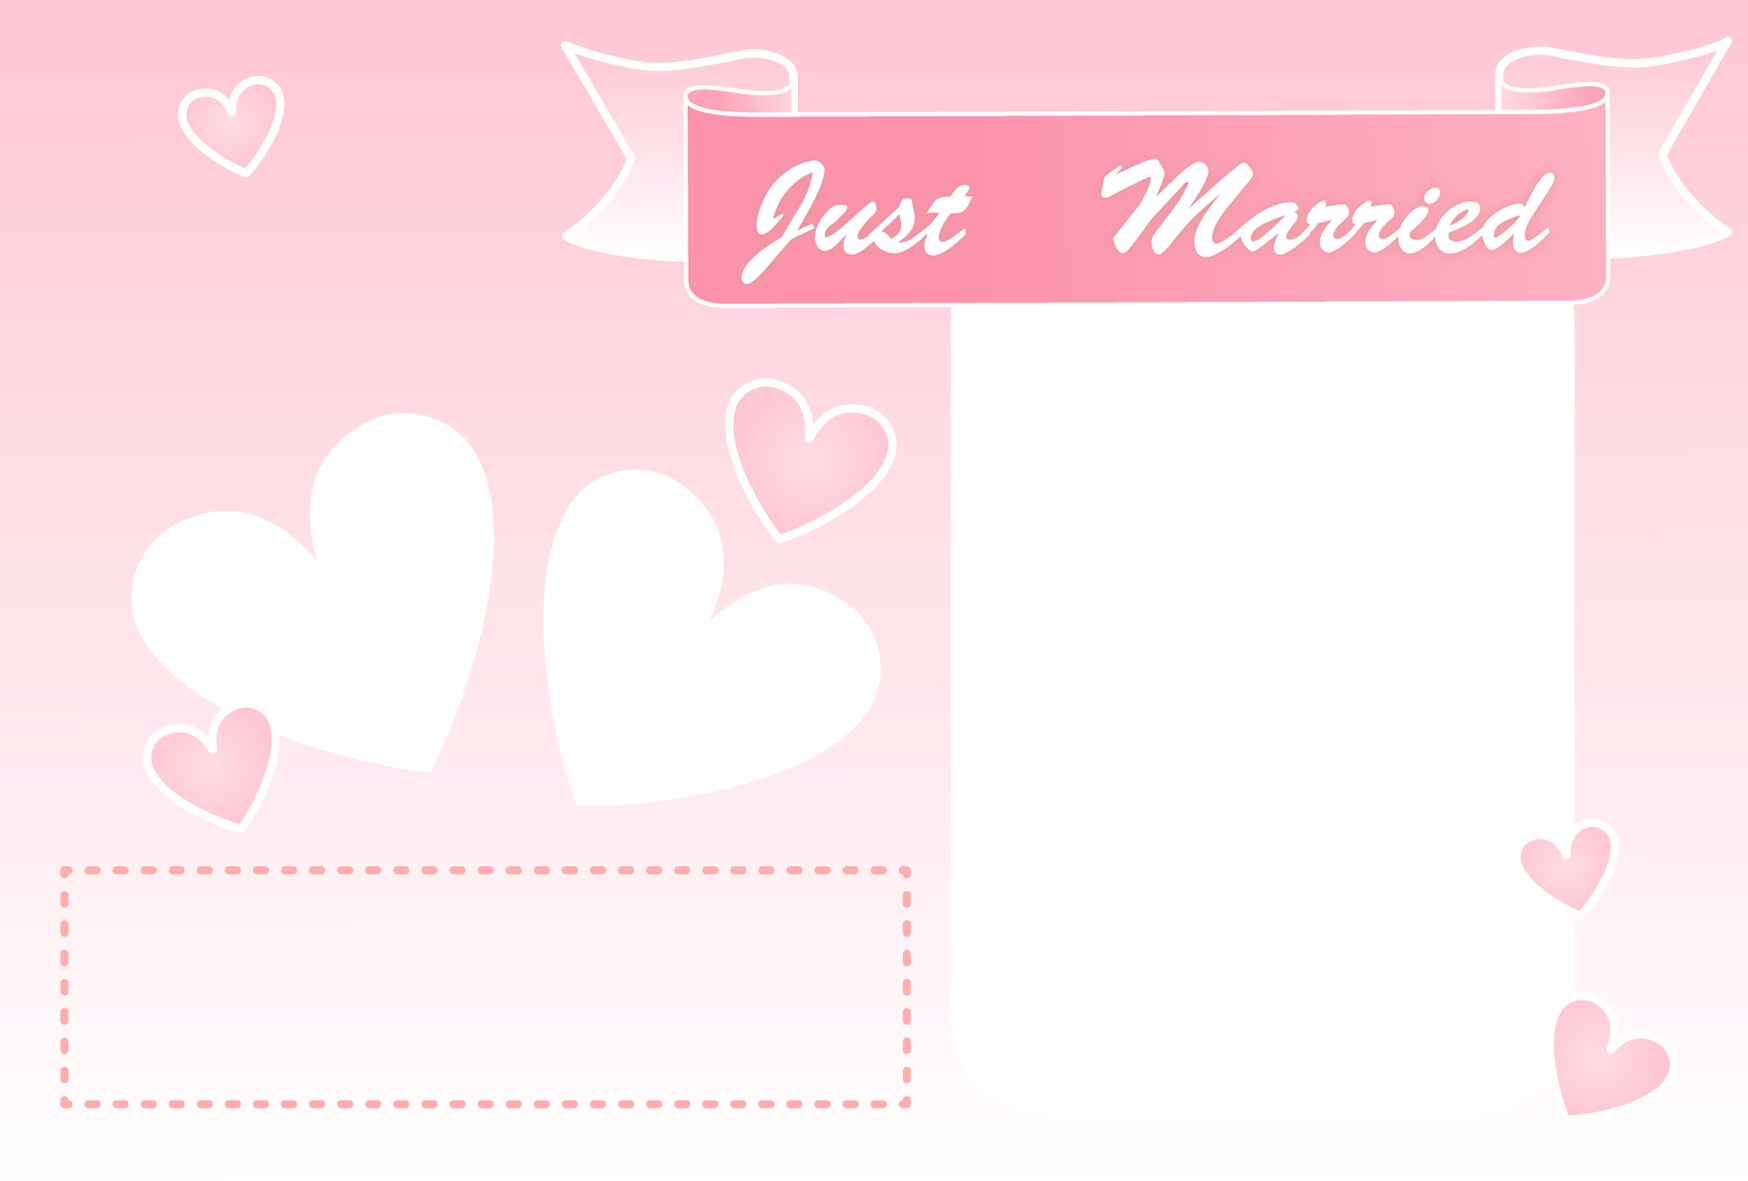 【文字無し】写真が複数入るハート柄の結婚報告ハガキの無料デザインテンプレート